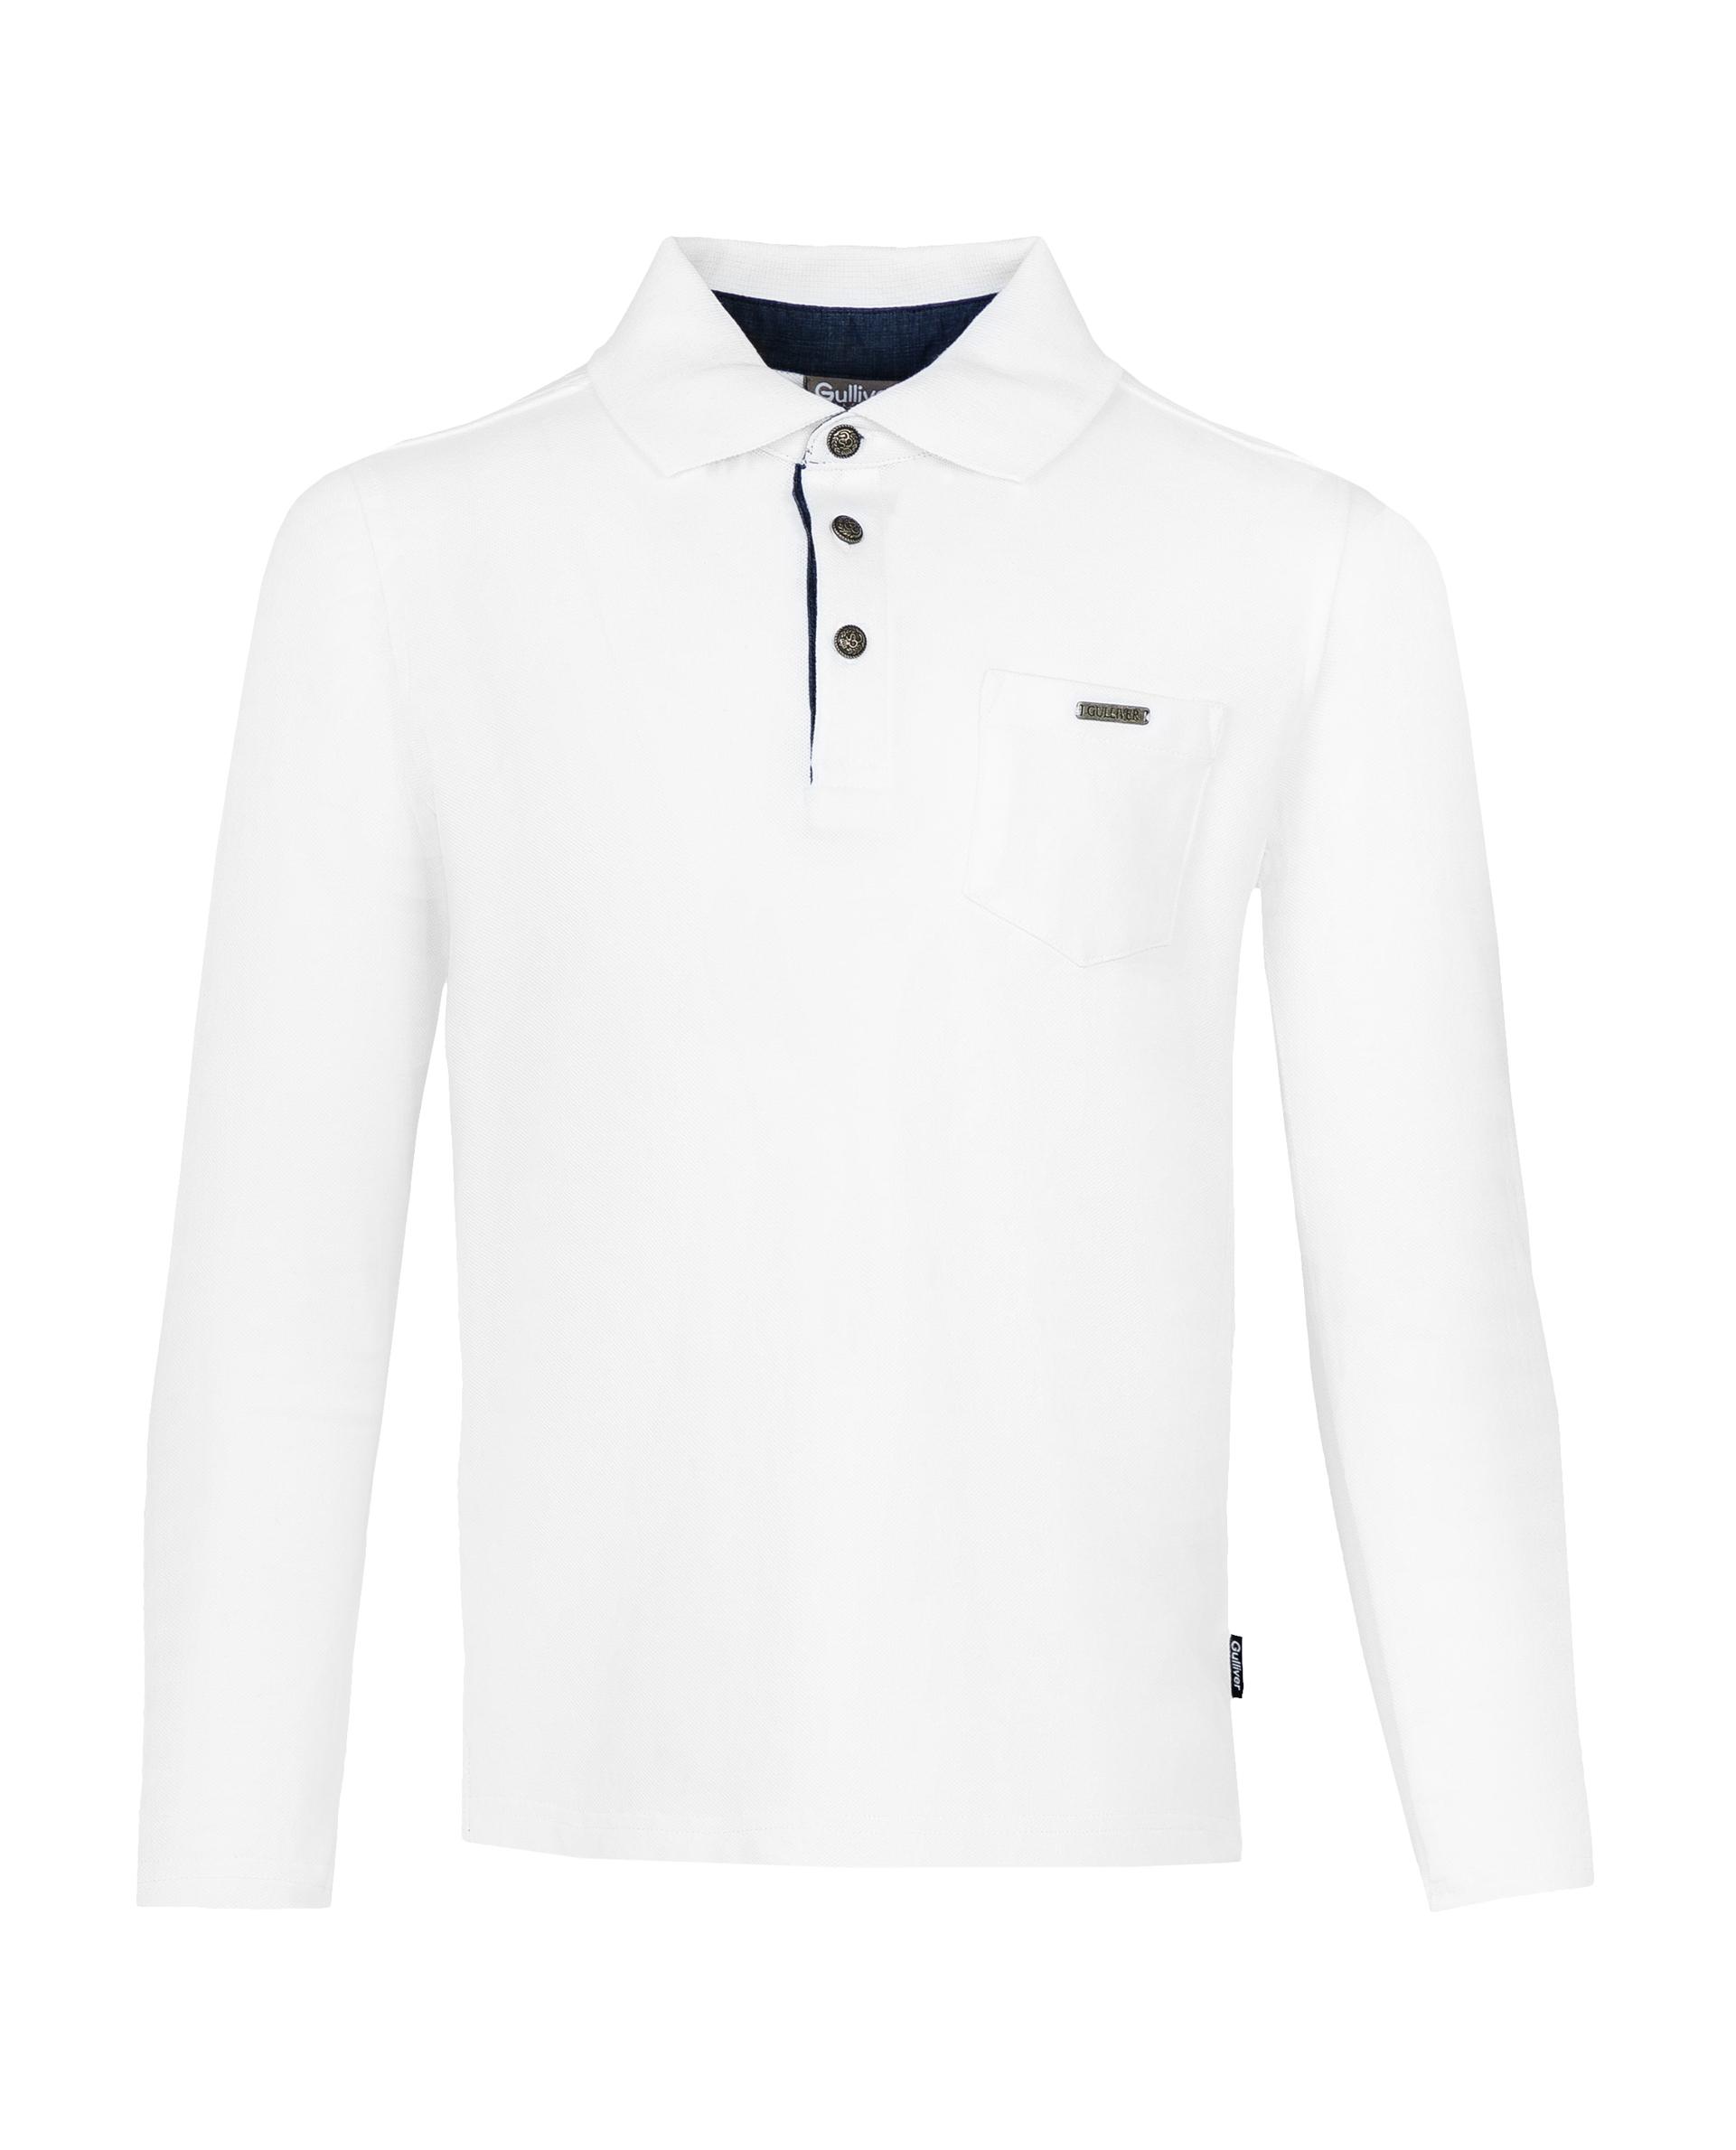 Купить 219GSBC1401, Белое поло с длинным рукавом Gulliver, белый, 122, Мужской, ШКОЛЬНАЯ ФОРМА 2019-2020 (shop: GulliverMarket Gulliver Market)